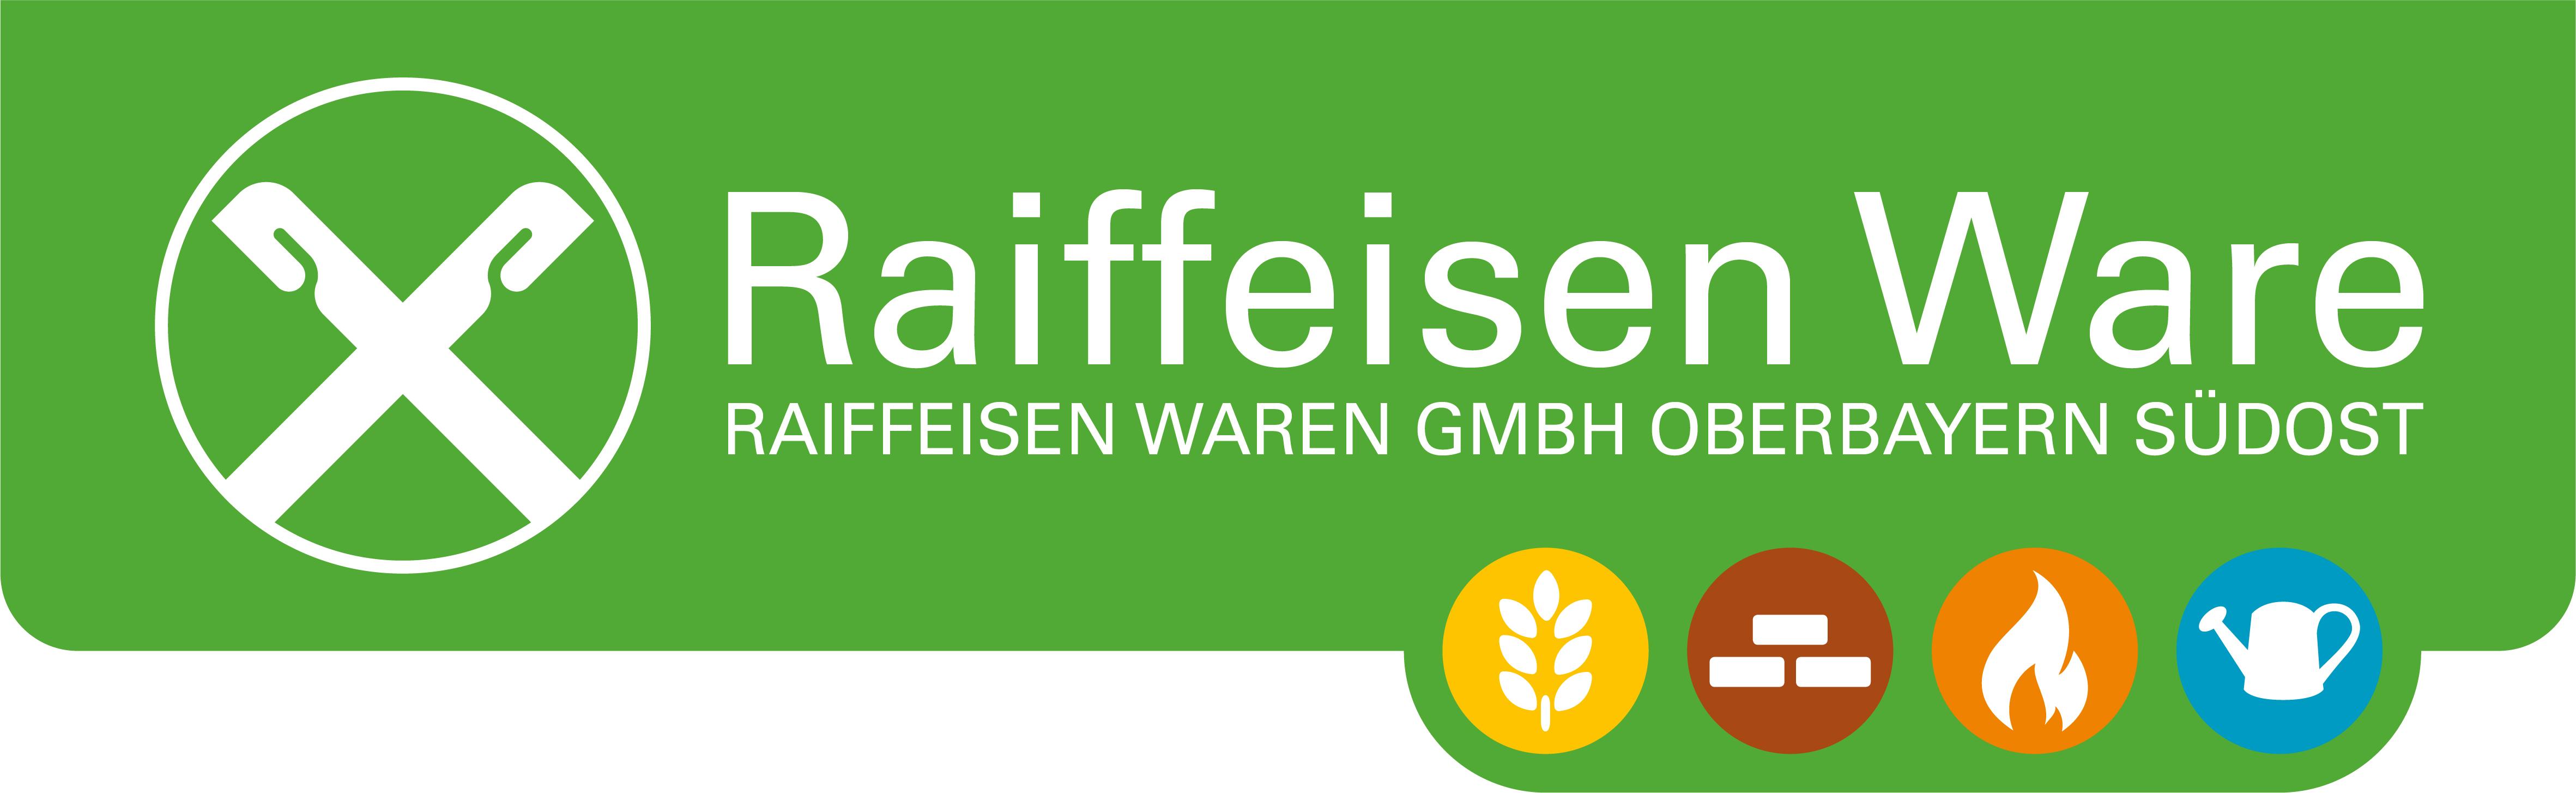 Raiffeisen Waren GmbH Oberbayern Südost - Lagerhaus Petting Petting